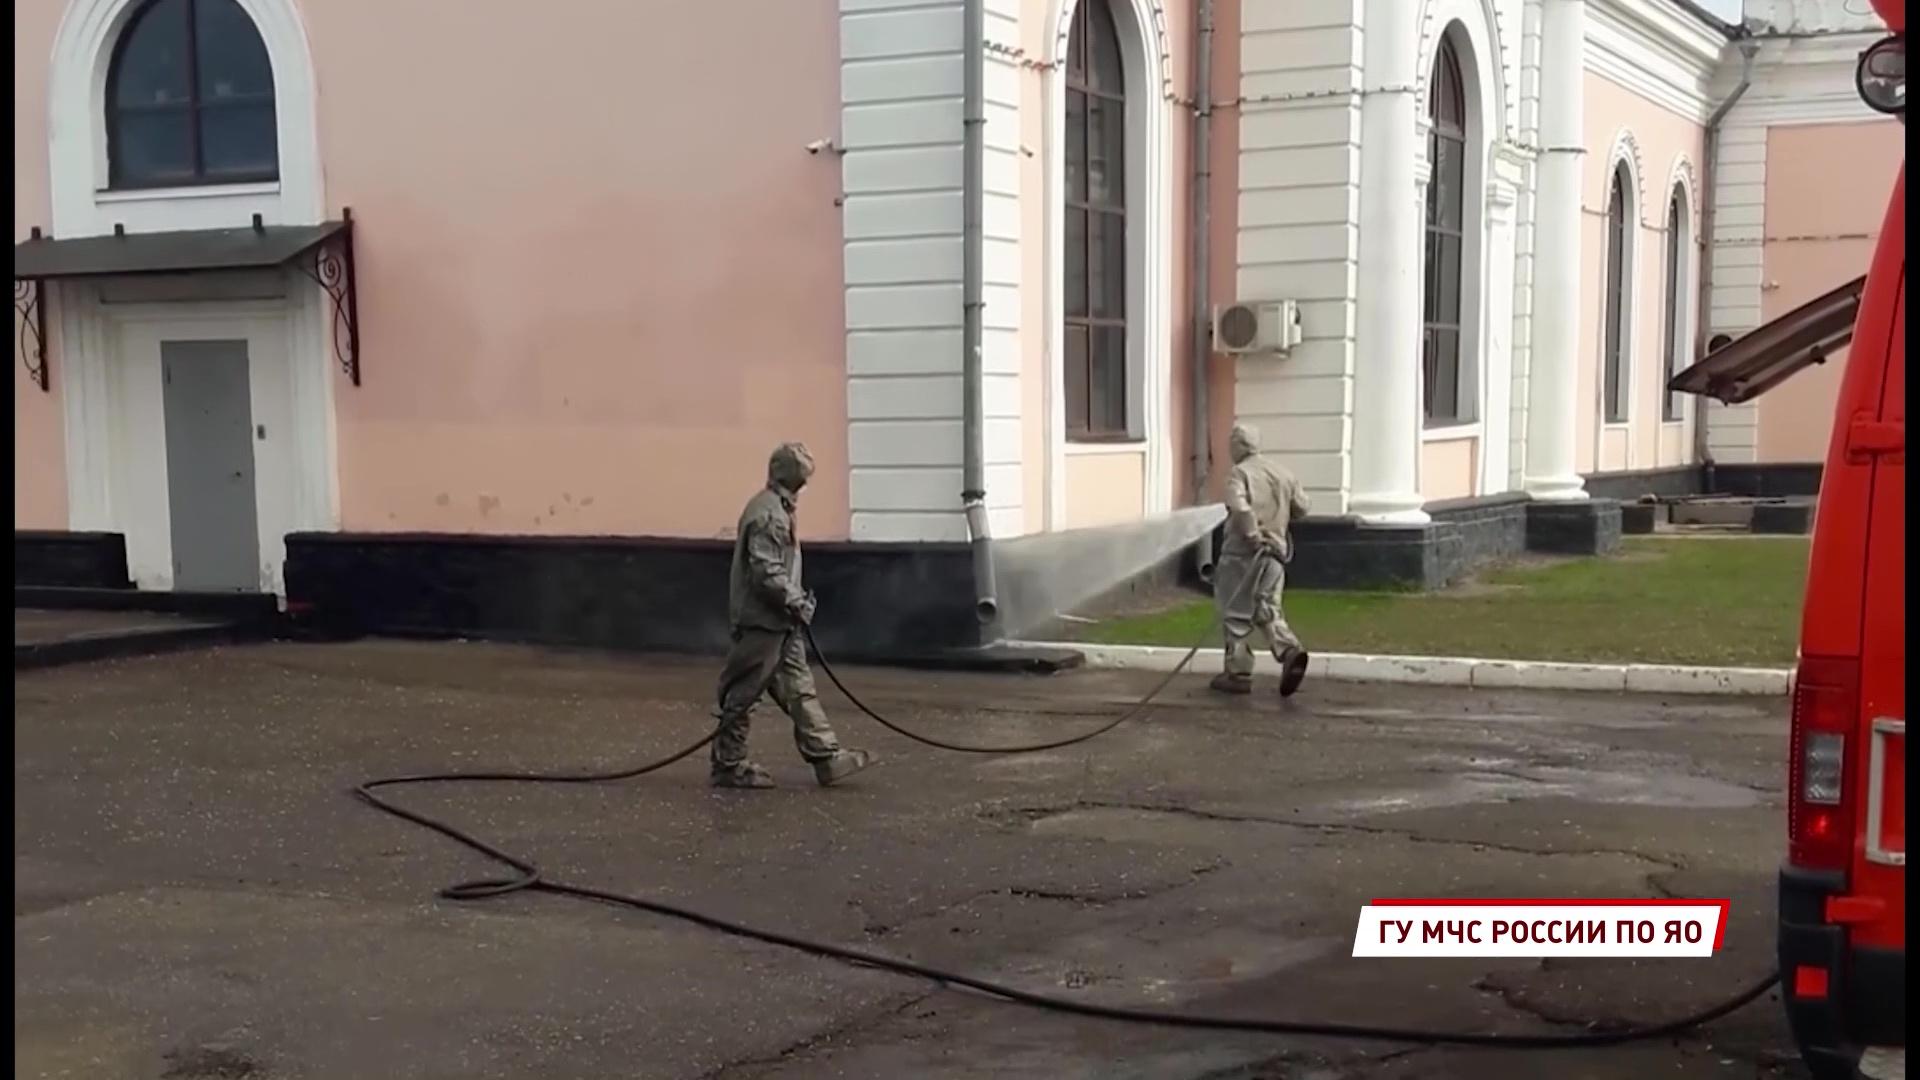 Сотрудники МЧС продезинфицировали Московский вокзал